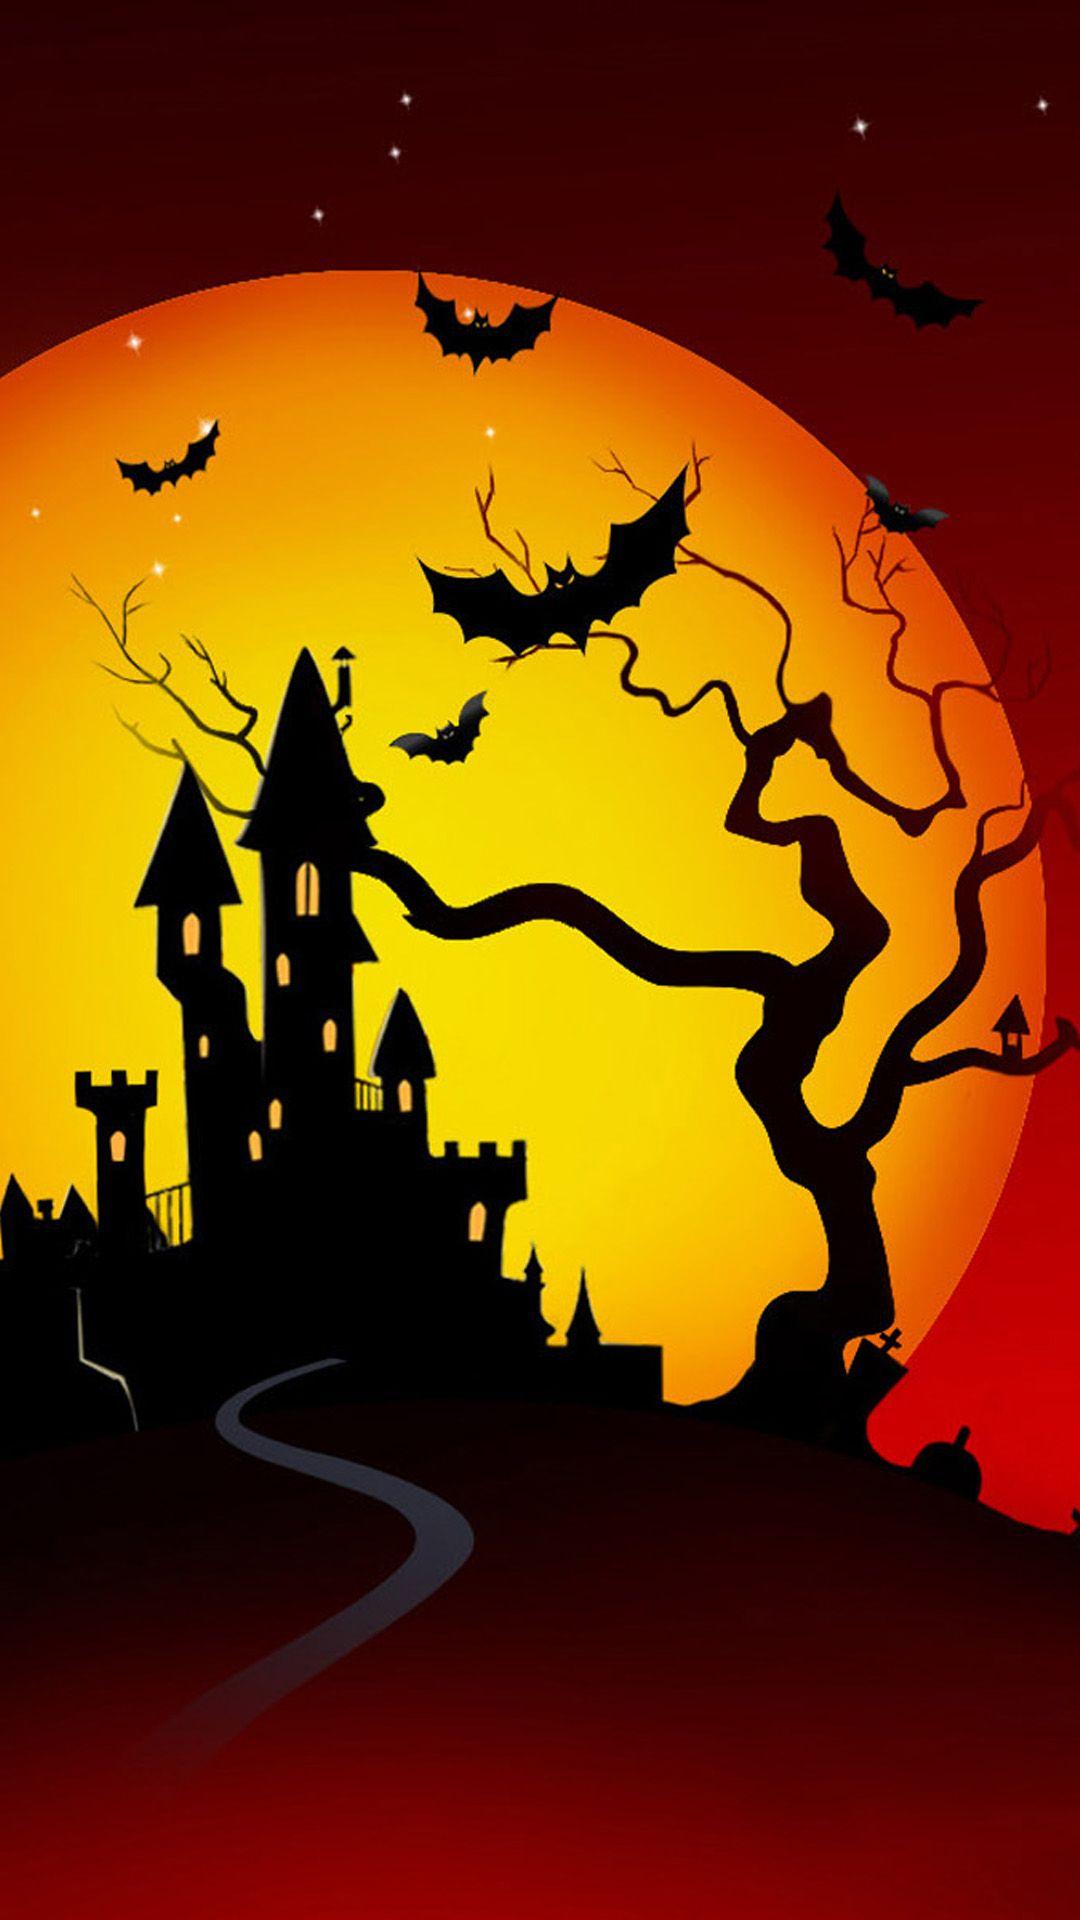 happy halloween desktop wallpapers 2015 httpwwwfestivalworldzcom - Desktop Wallpaper Halloween